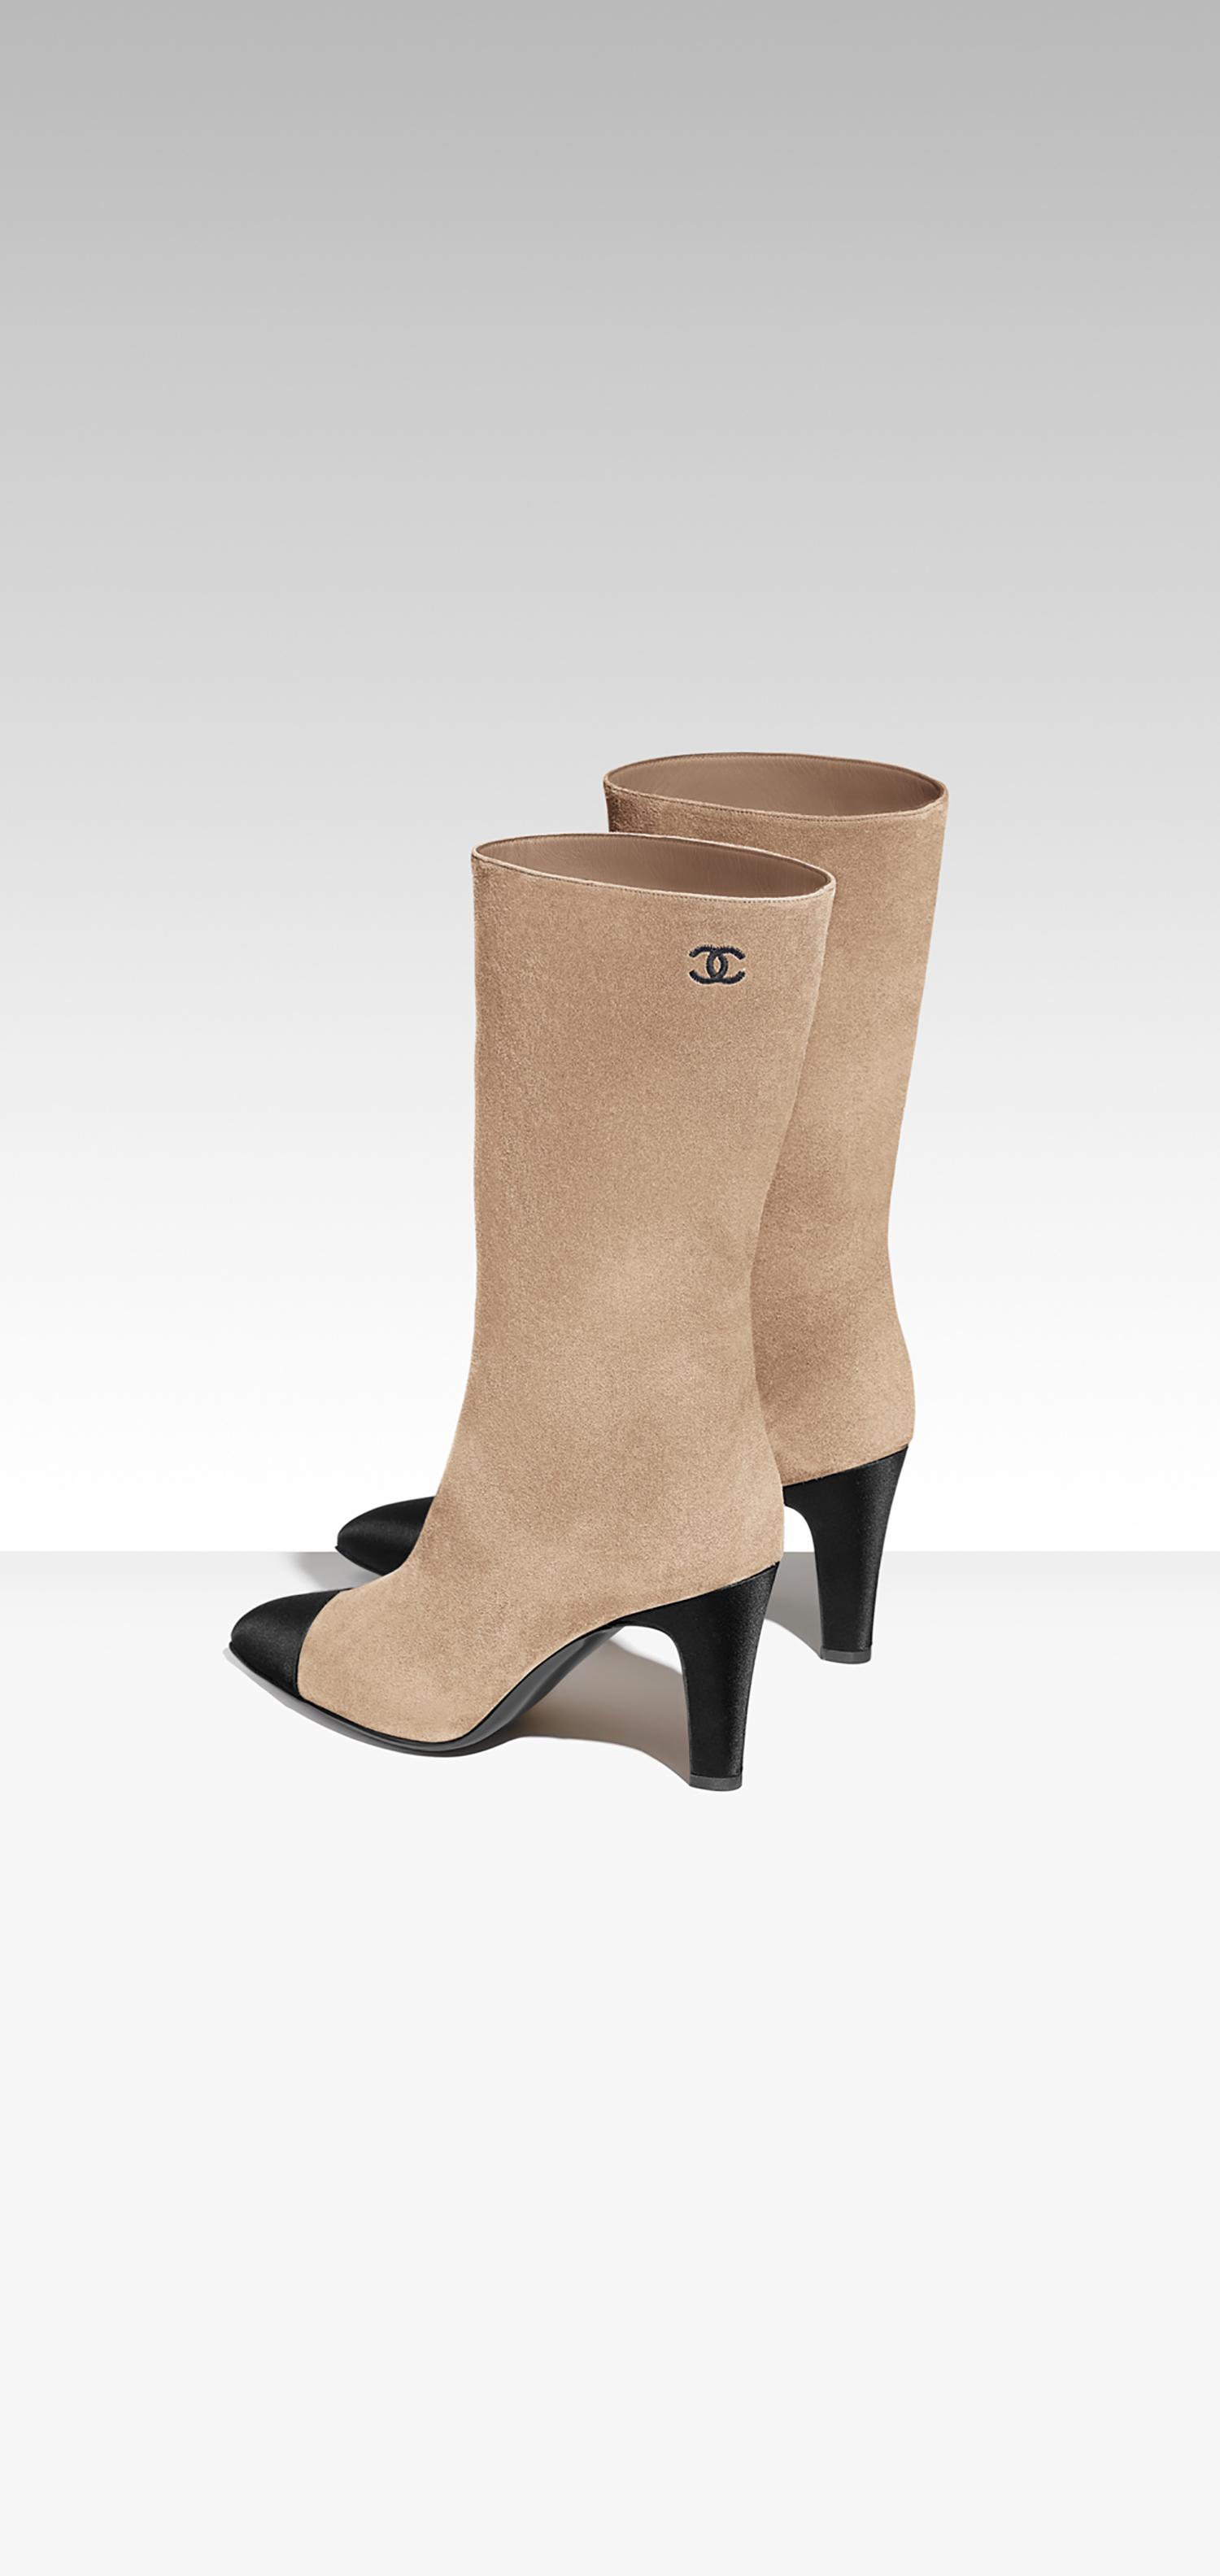 Chanel Boot, gli stivali must have della moda autunno inverno 2017-2018, le foto